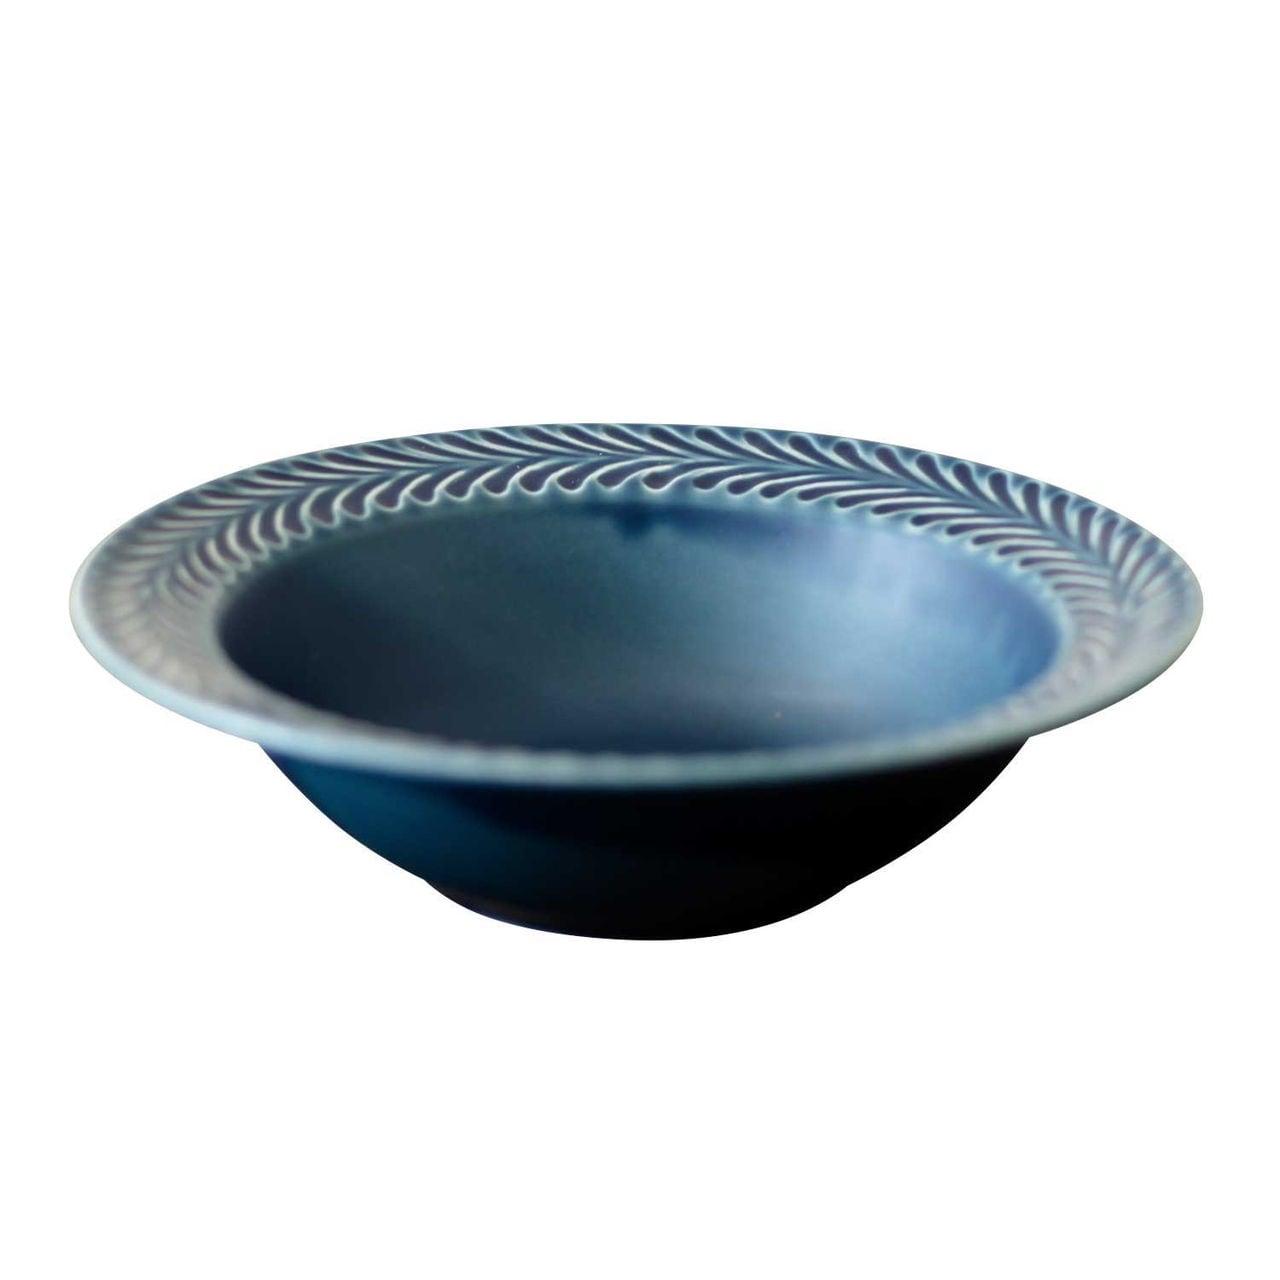 波佐見焼 翔芳窯 ローズマリー リムボウル 皿 約18cm デニム 33389